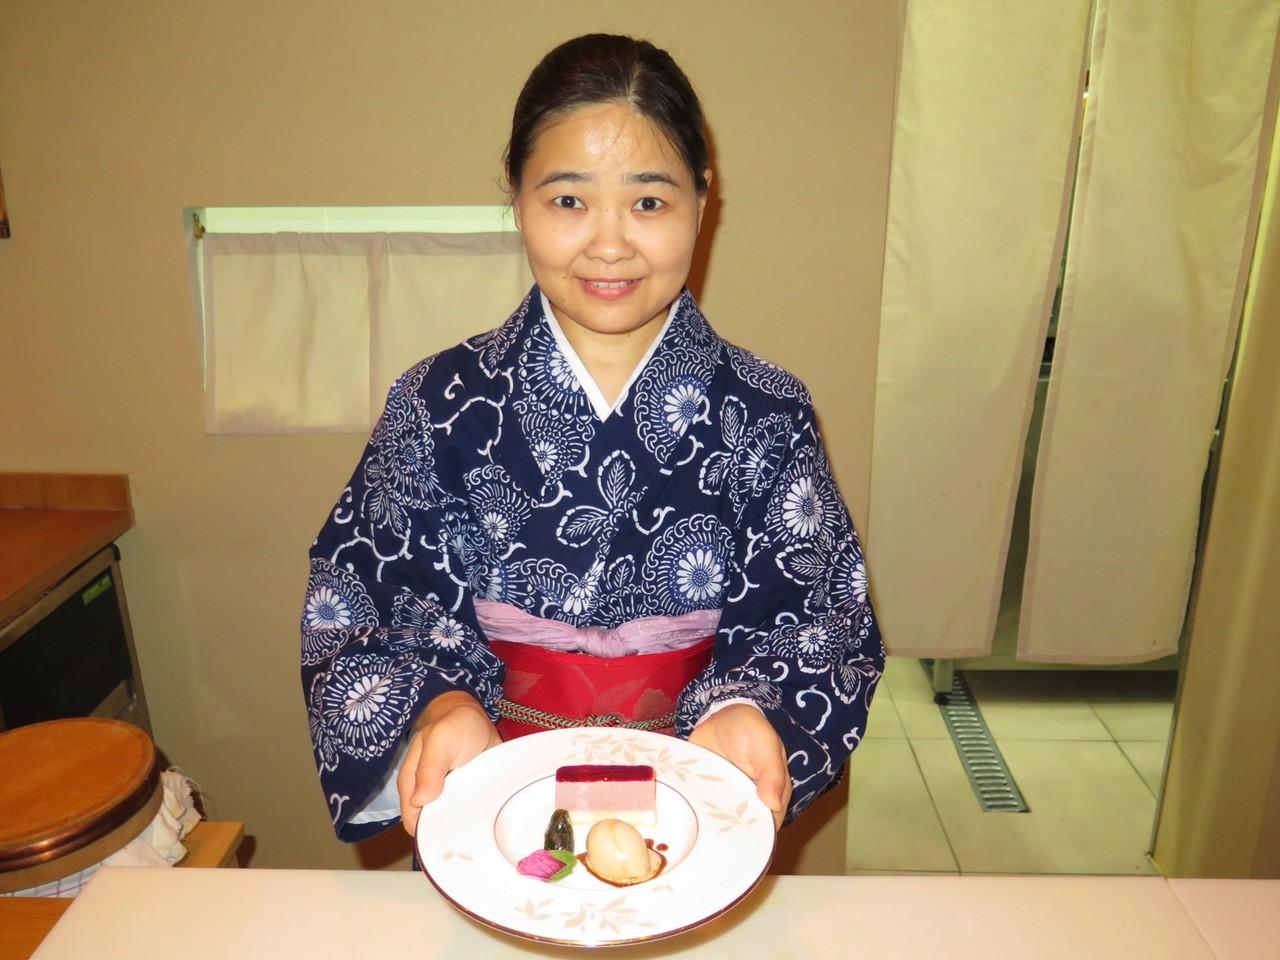 Kayo Kanazawa